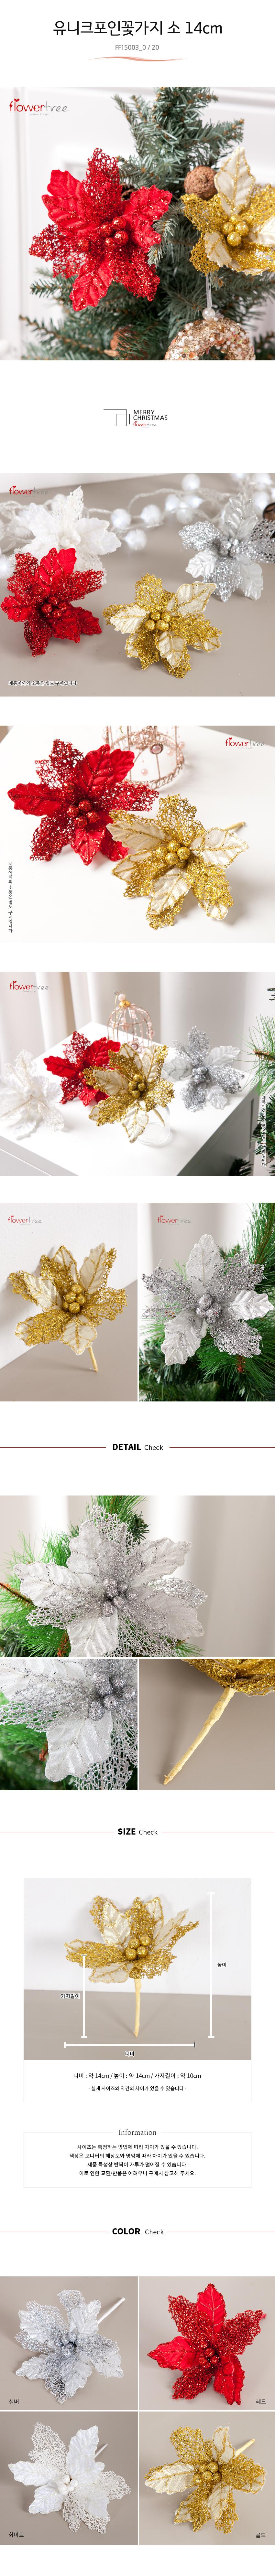 유니크포인꽃가지 소 [트리] - 플라워트리, 2,100원, 장식품, 크리스마스소품